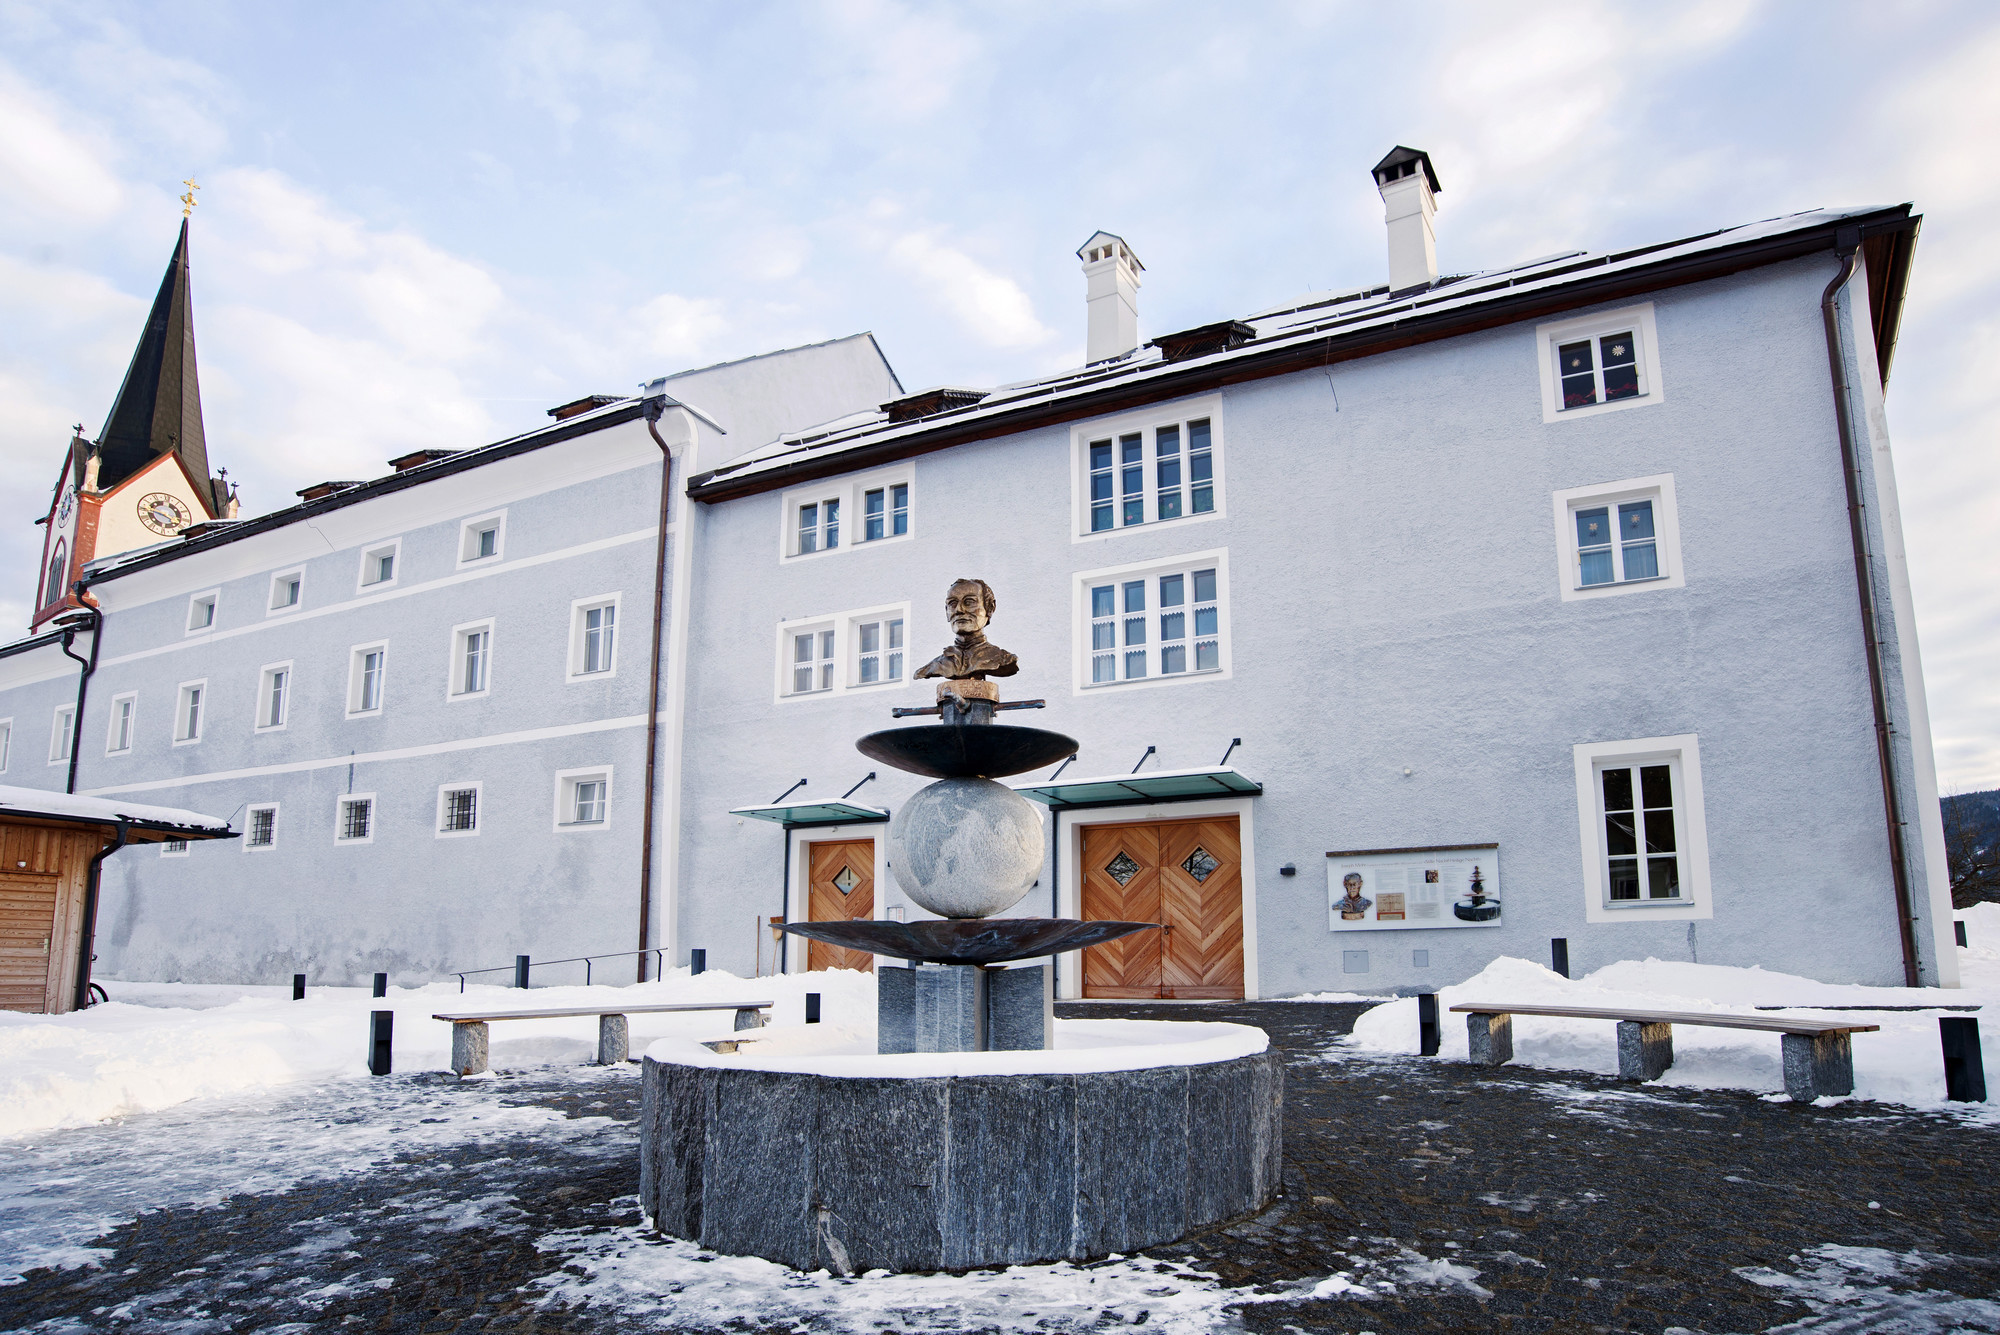 , Joseph-Mohr-Brunnen in Mariapfarr